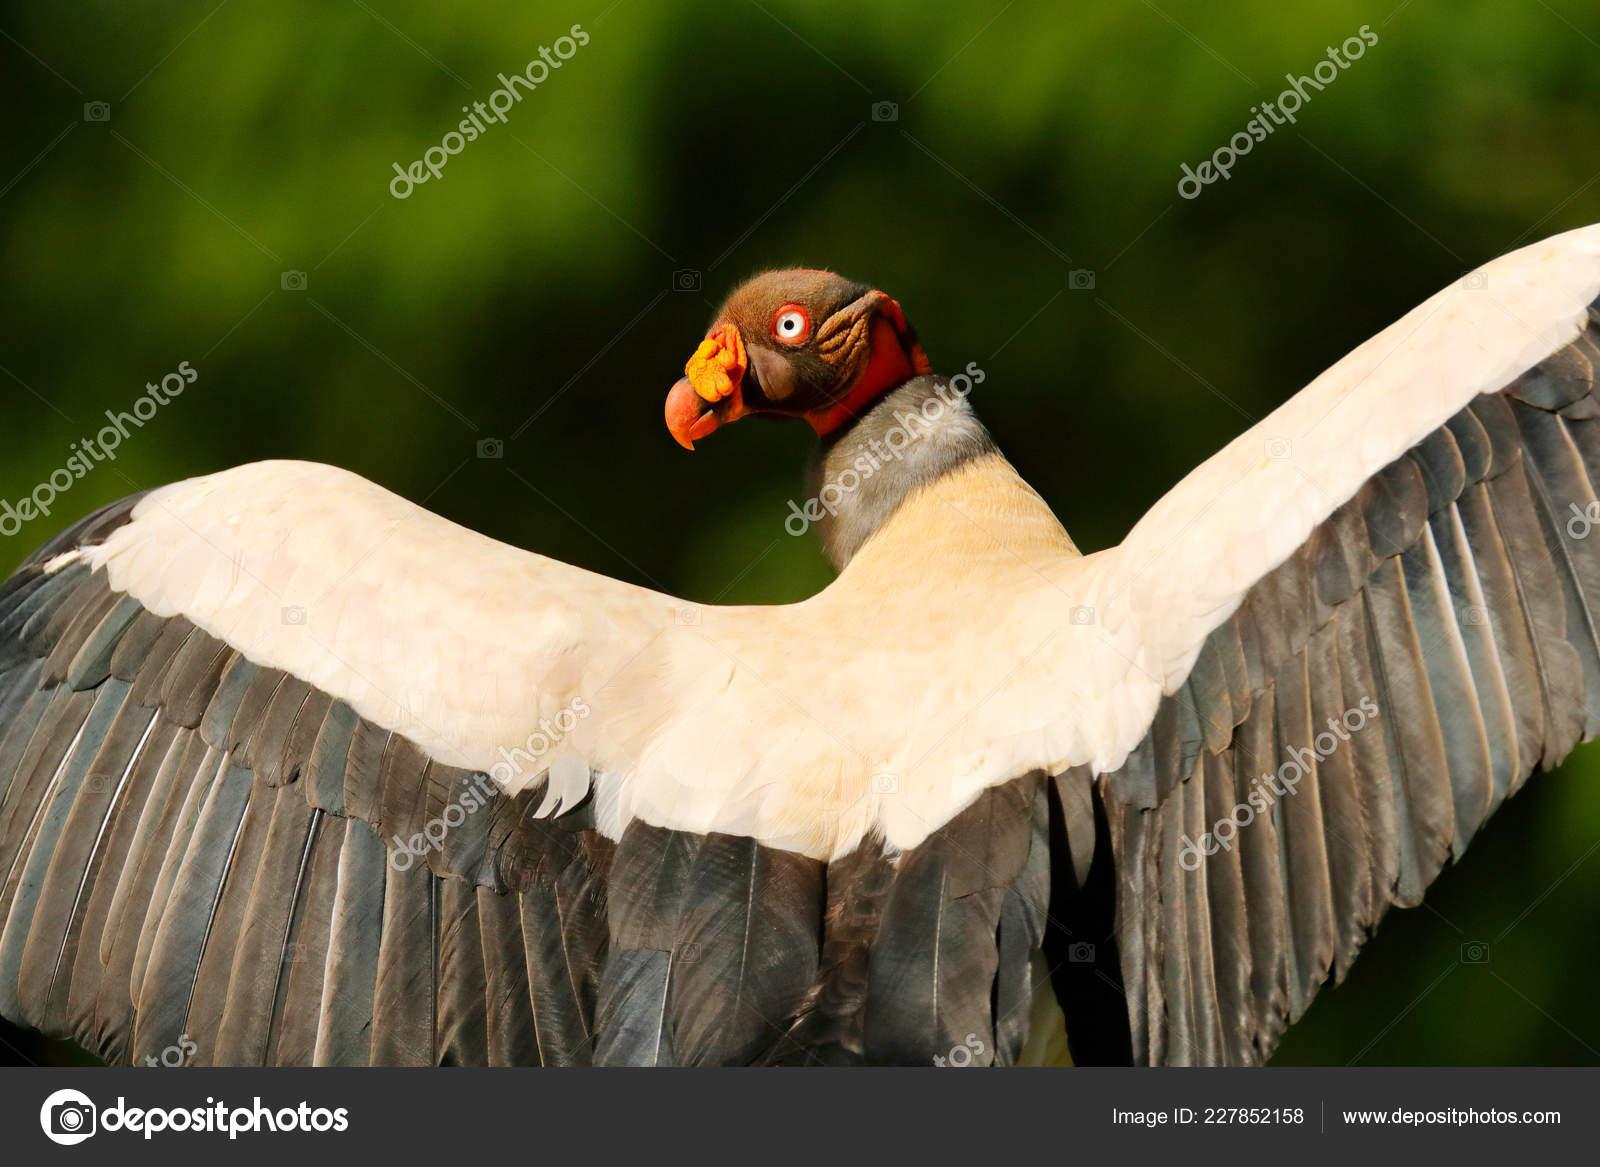 τρομακτικό μεγάλο πουλί καυτό πορνό βιδιές